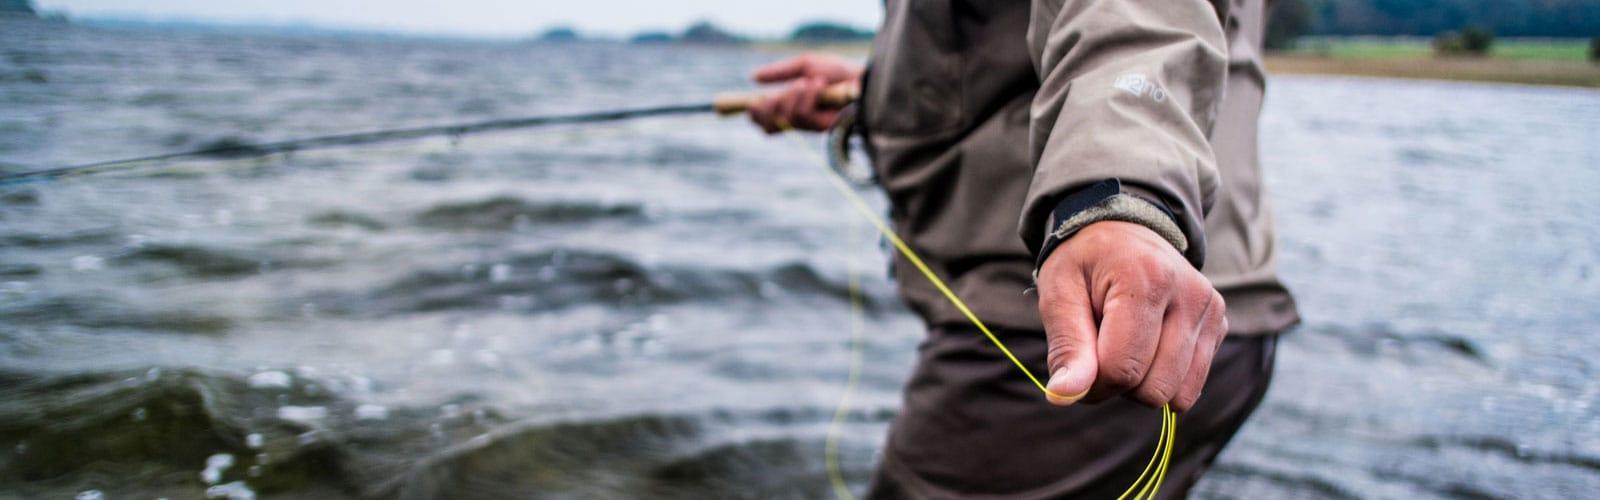 Waterproof Fishing Gear